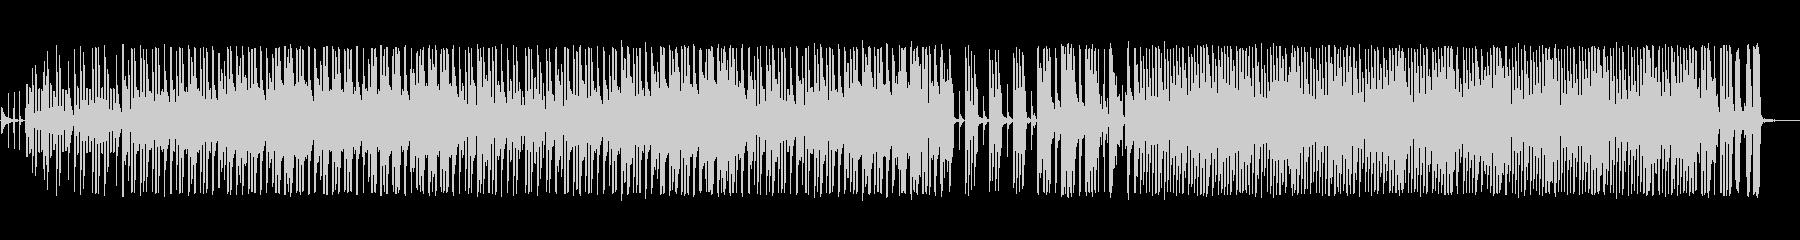 シンプルで軽快なピアノポップスの未再生の波形